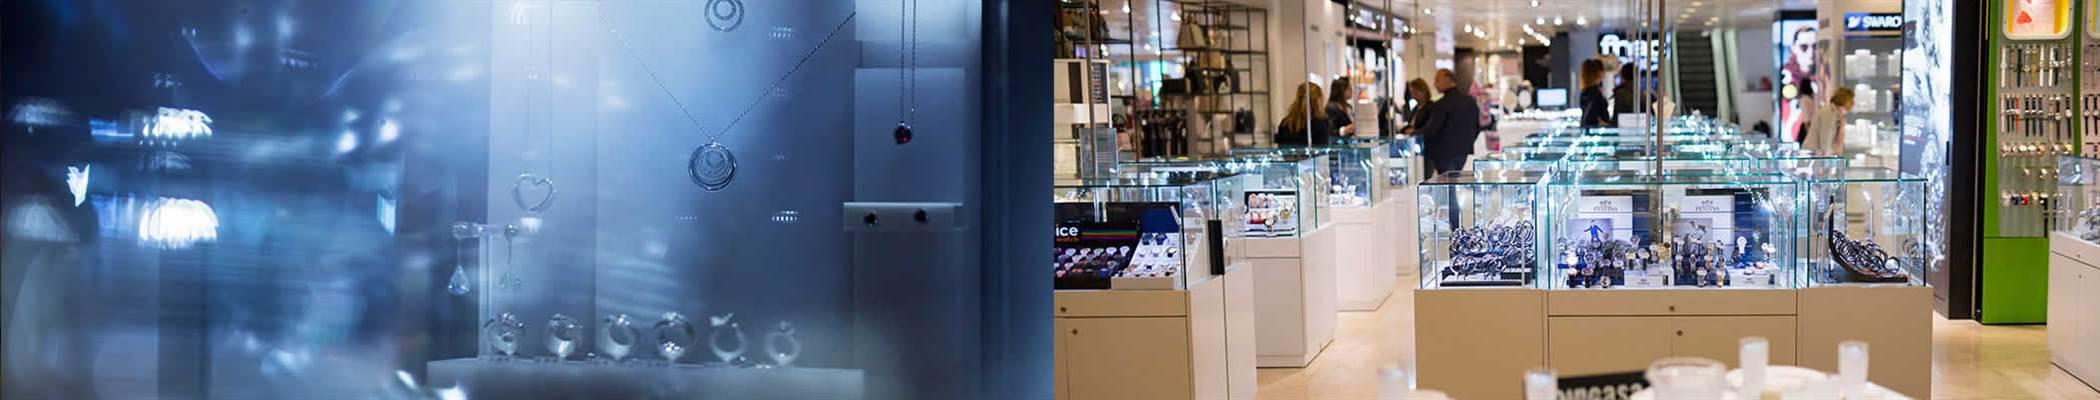 9134c810cb89 Joyerías Andorra La Vella – Comprar joyas en una tienda andorrana